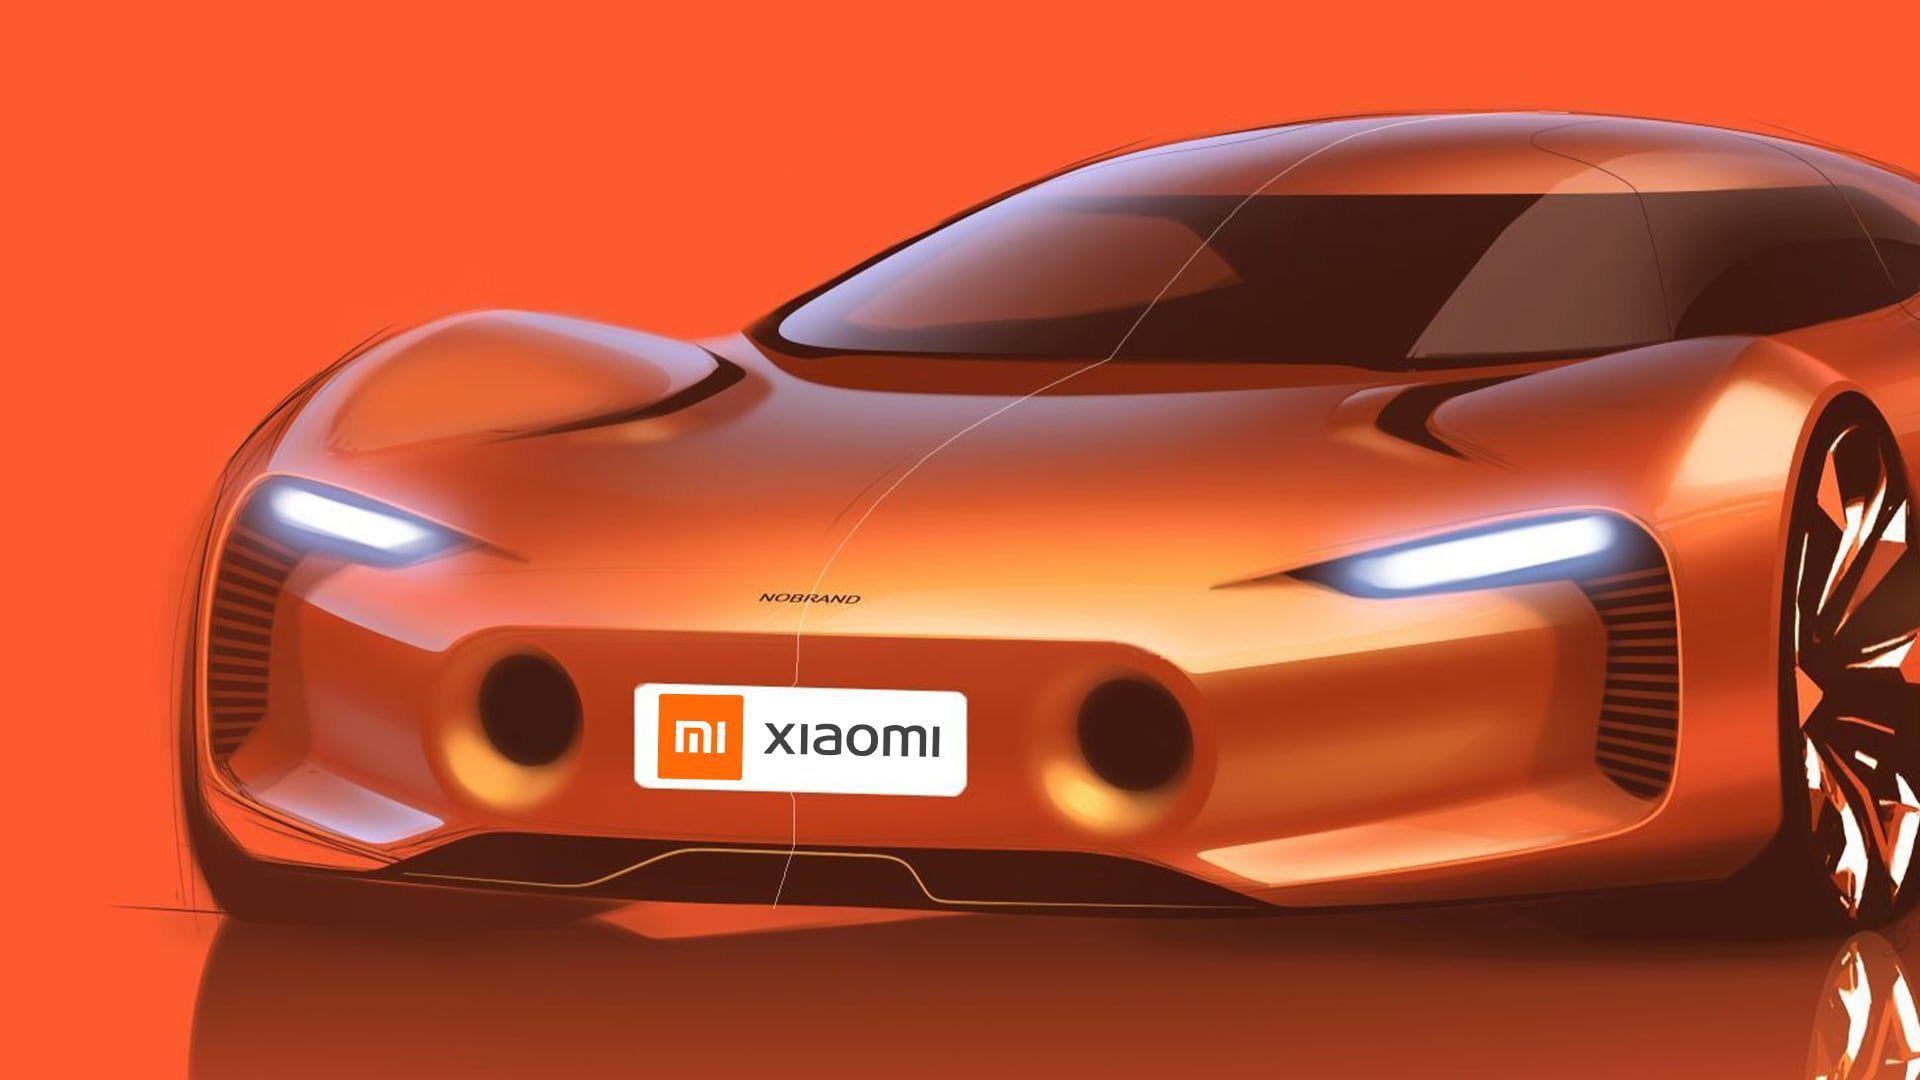 Sắp xuất hiện xe điện thông minh của Xiaomi, đại chiến ngành ô tô điện ngày càng khốc liệt - Ảnh 3.